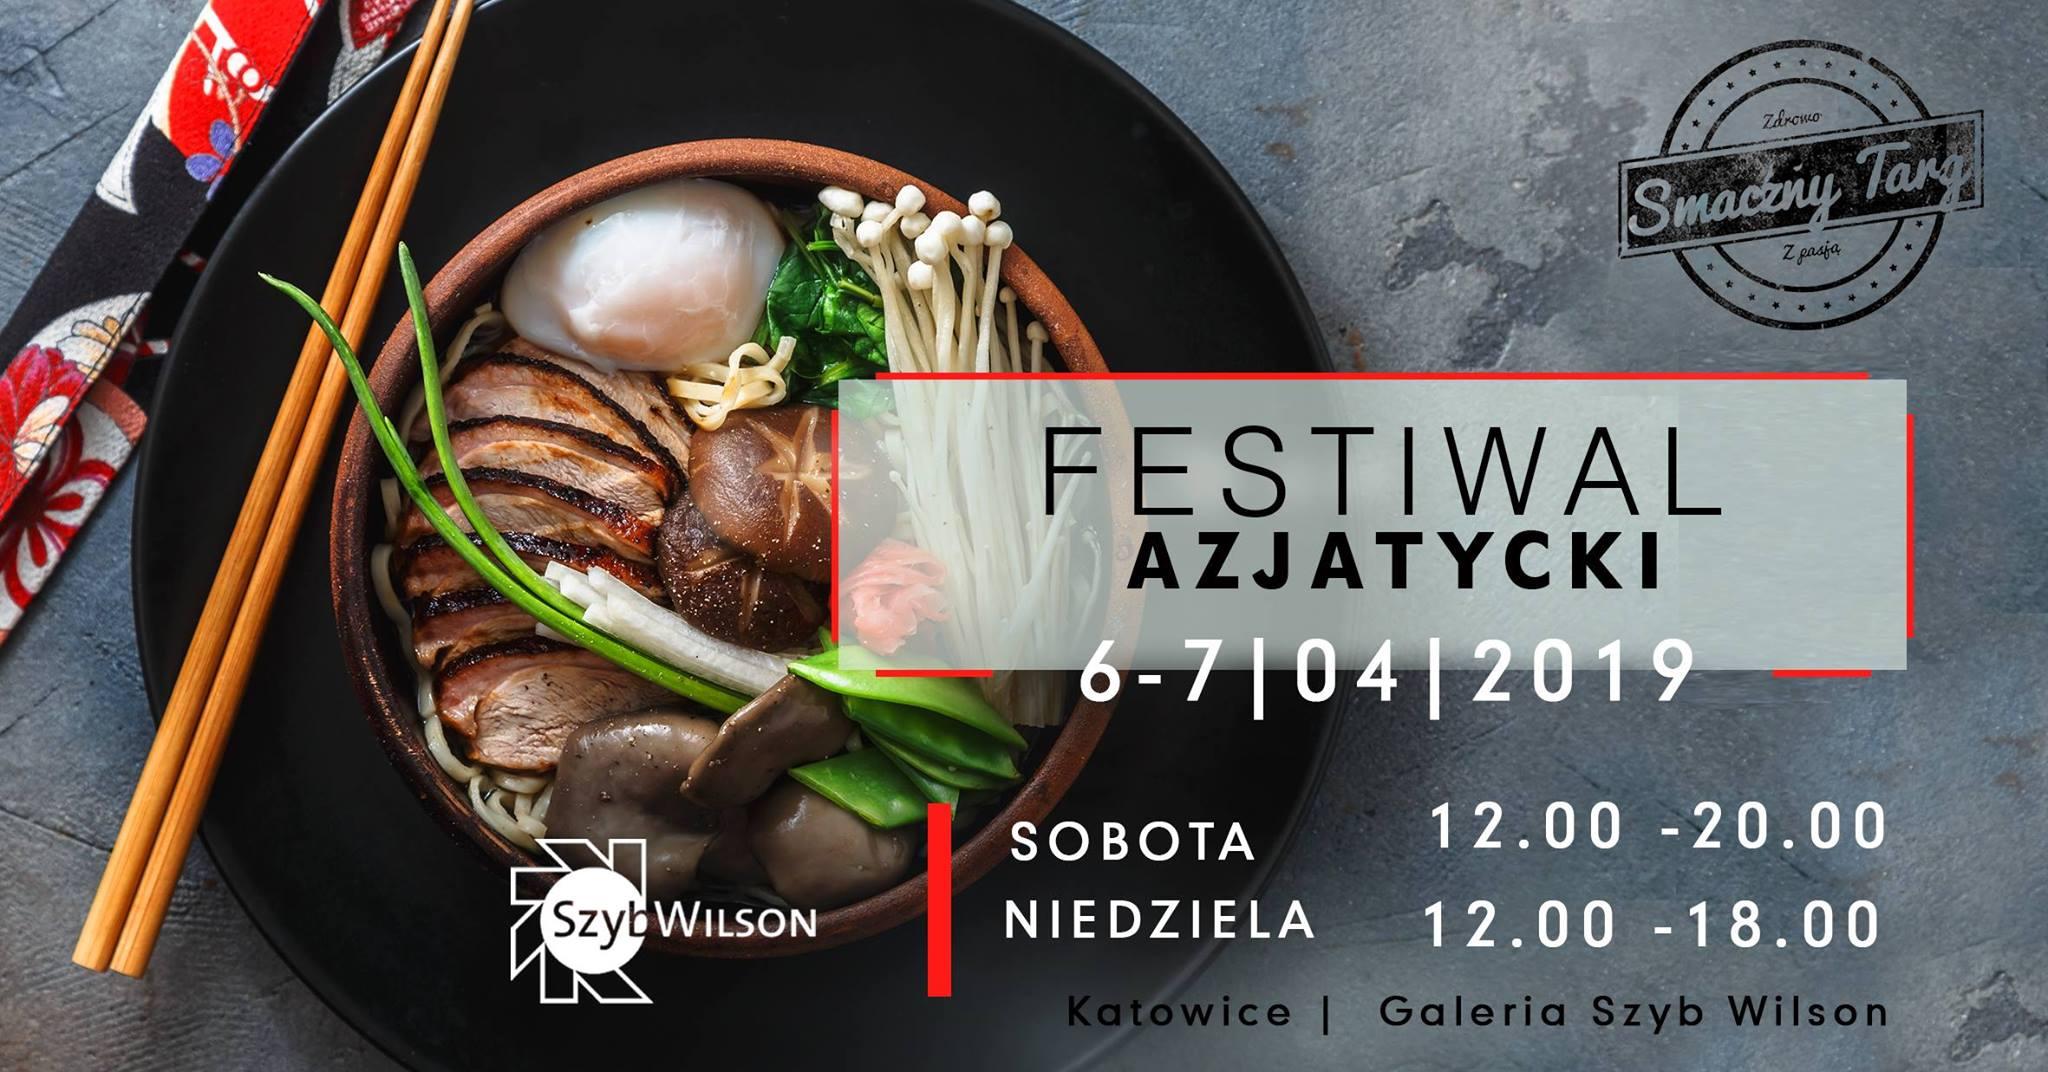 Katowice Festiwal Azjatycki Iknurow Pl